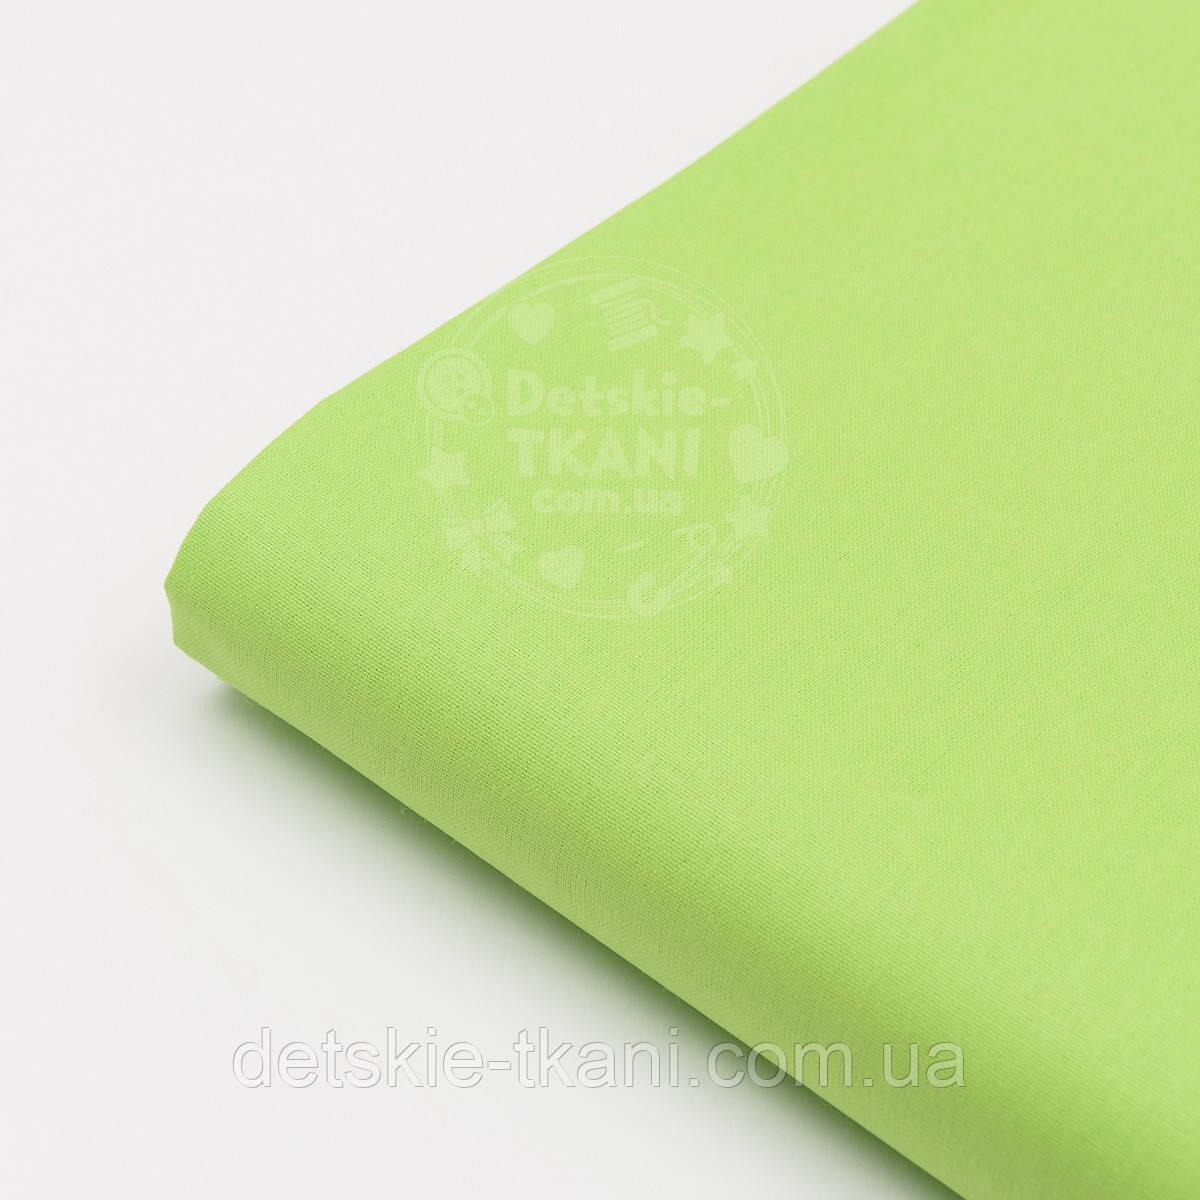 Лоскут ткани №37 однотонной бязи зелёного цвета, размер 41*80 см